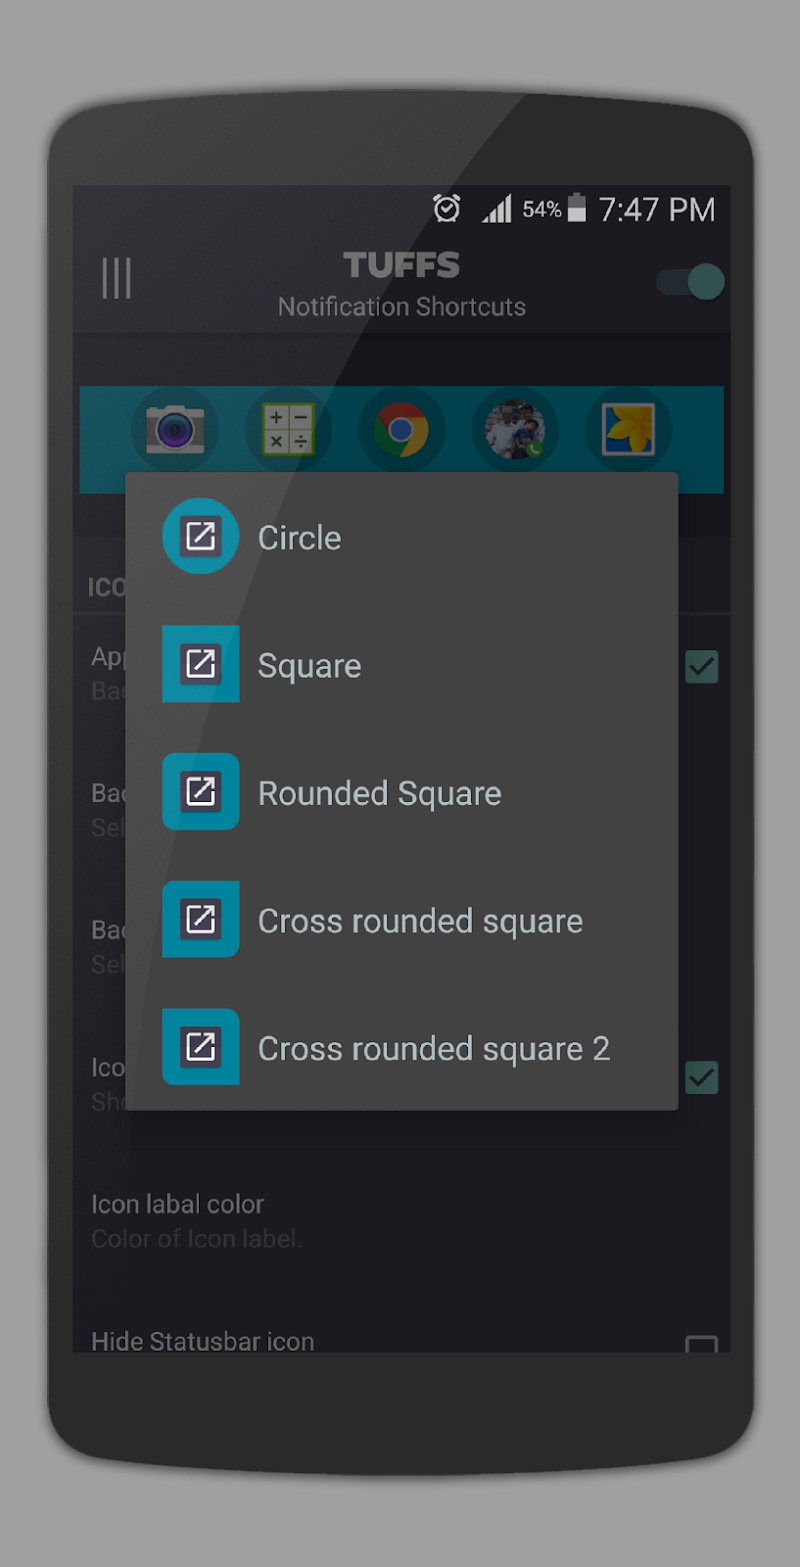 TUFFS Notification Shortcuts Screenshot 6